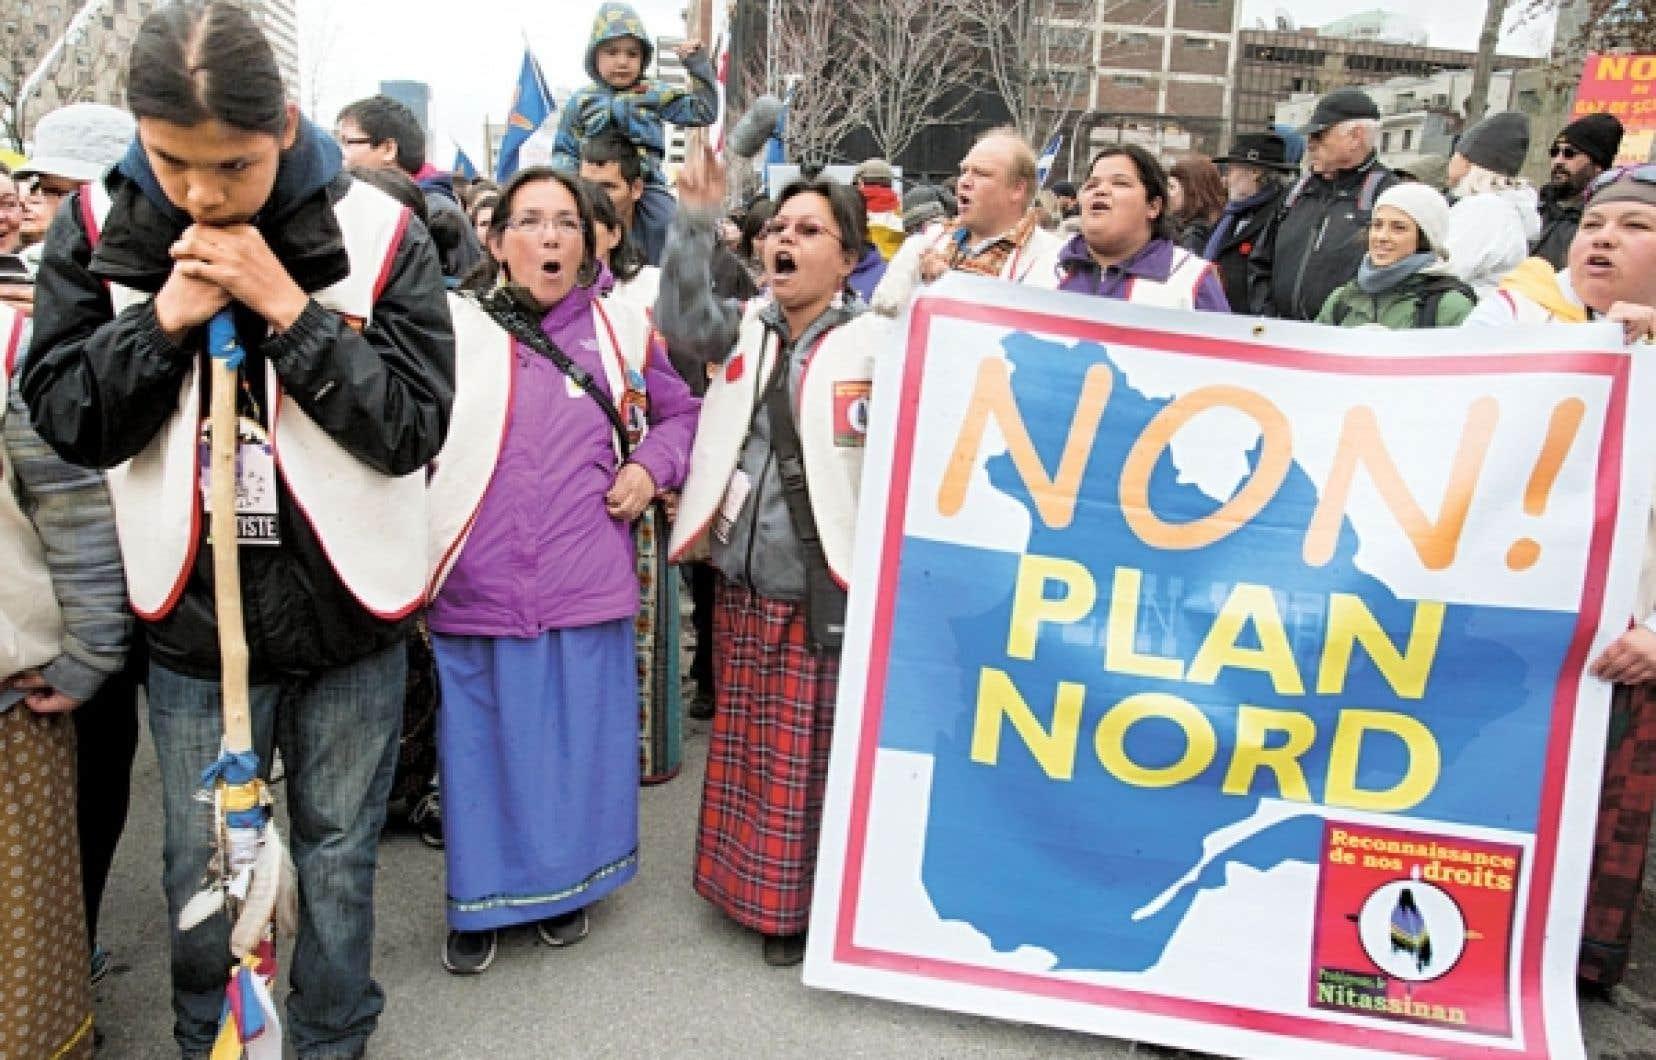 Des Autochtones inquiets pour leurs droits et la protection de leur territoire ont manifesté les 20 et 21 avril derniers devant le Palais des congrès de Montréal, lieu où se tenait le Salon Plan Nord.